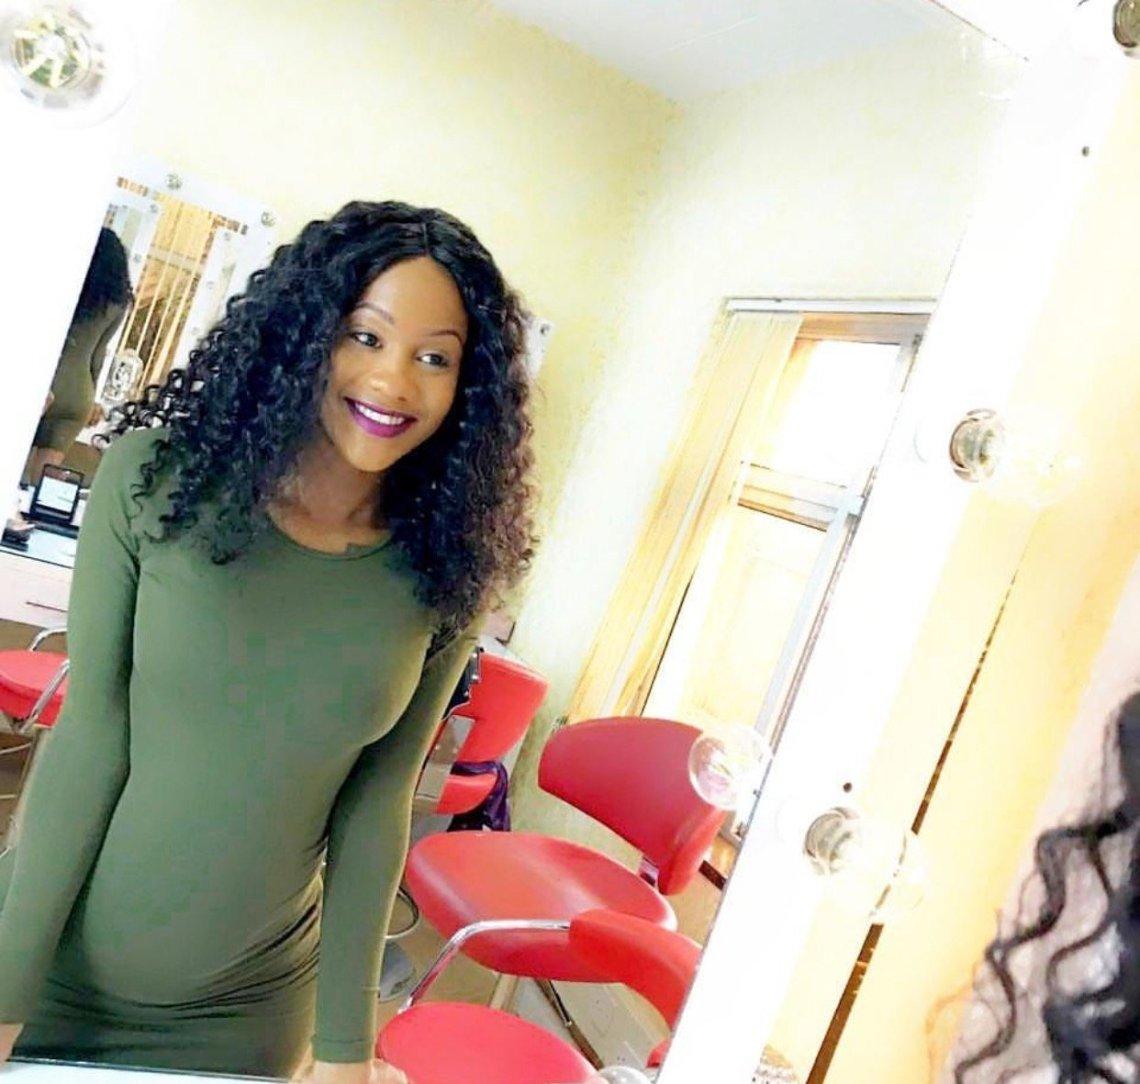 prezzo-michelle-7-e1484563350770 Michelle Yola confirms pregnancy with baby bump pics!